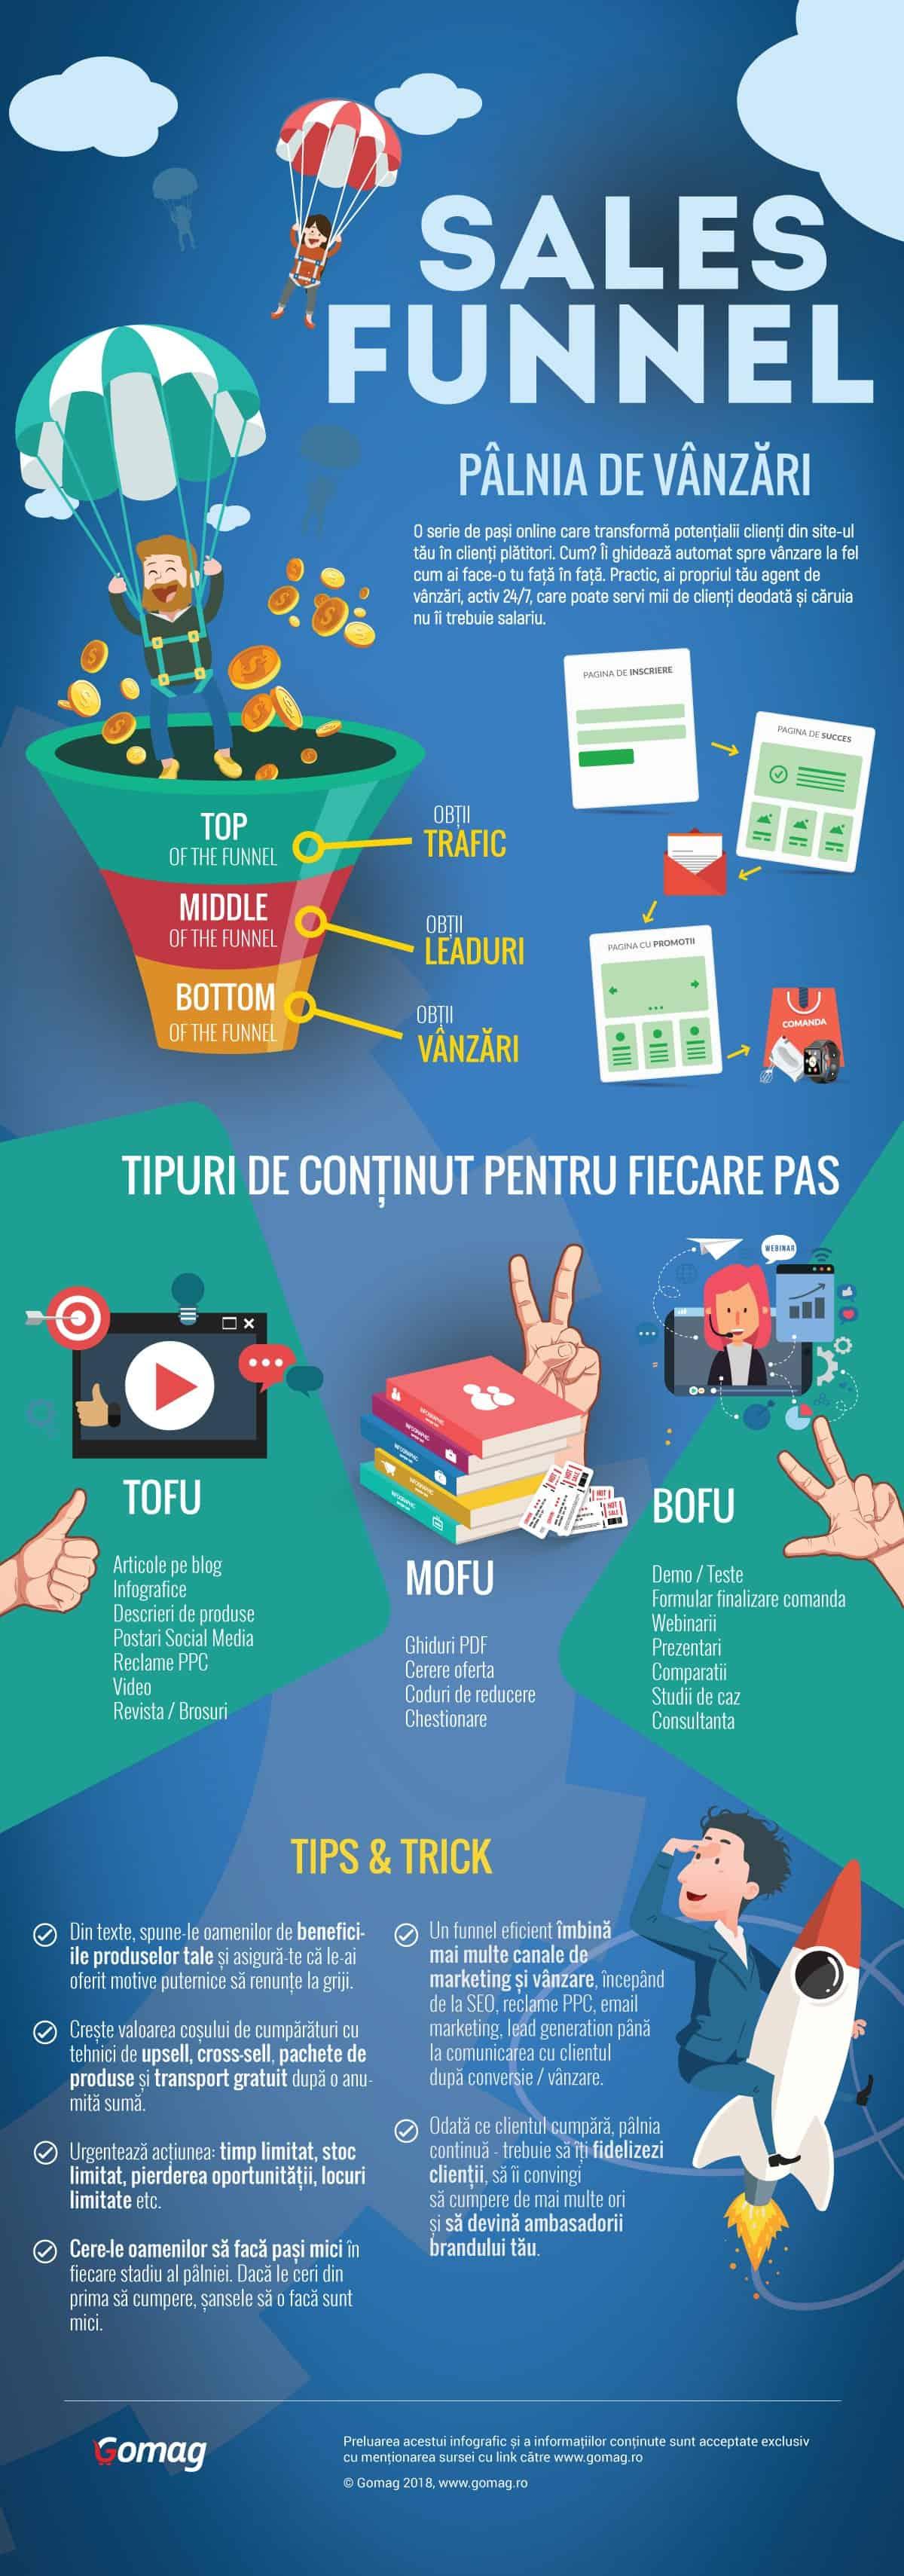 sales funnel infografic gomag